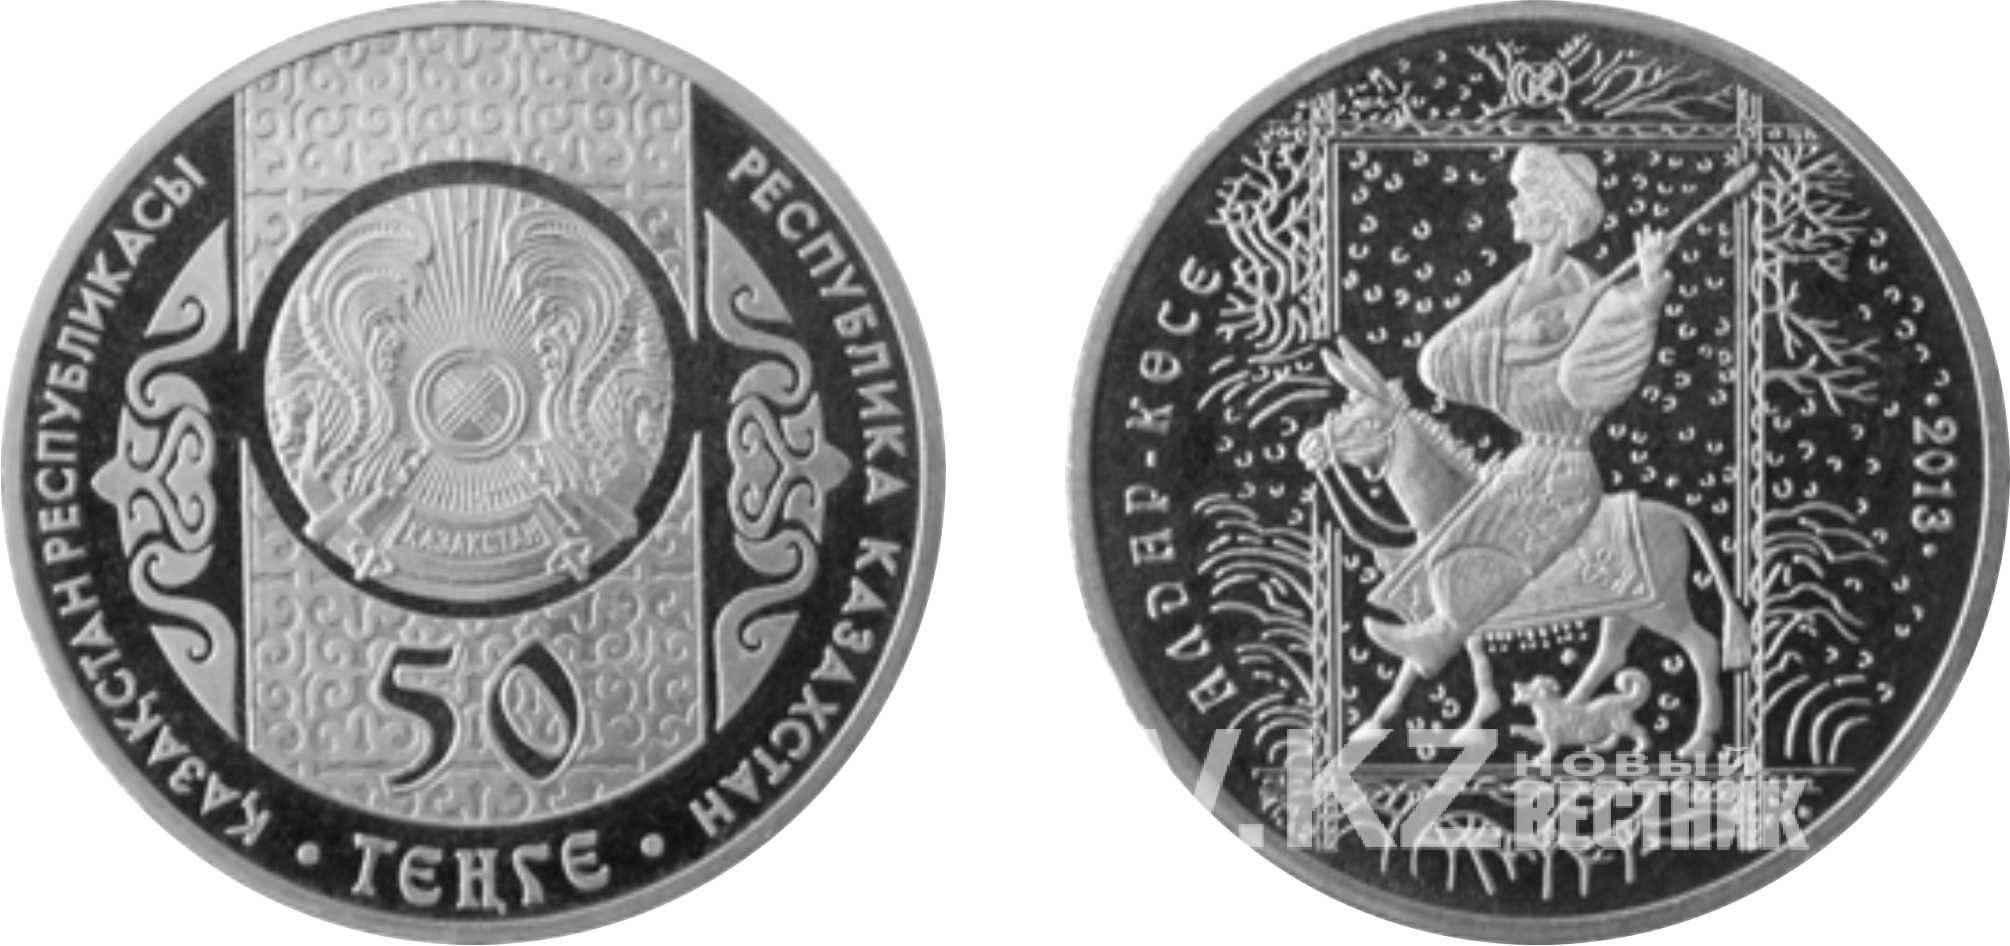 Сегодня Нацбанк выпустил в обращение сразу три новых монеты | NV.KZ